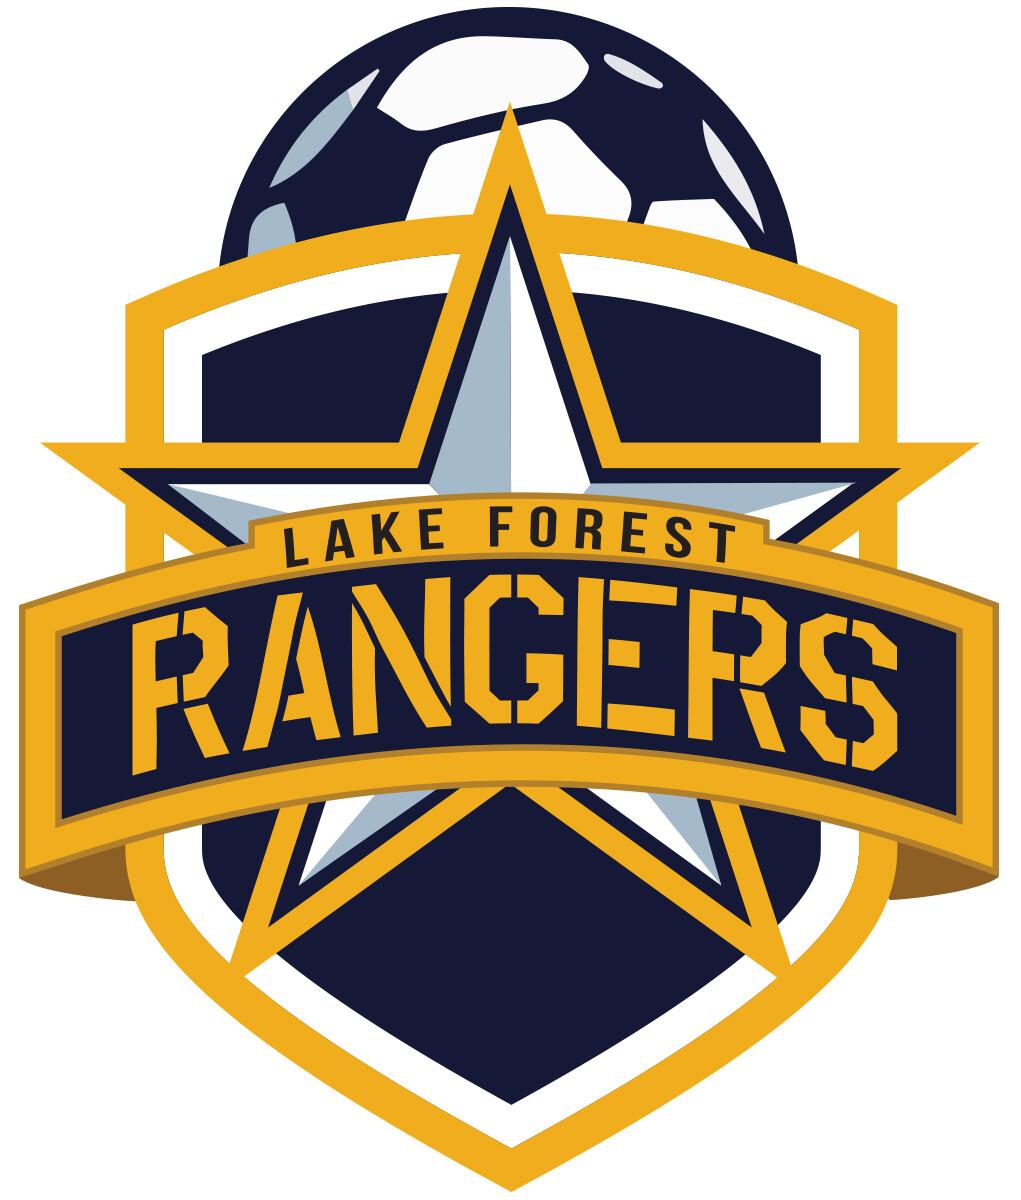 Kyle miller rangeers logo